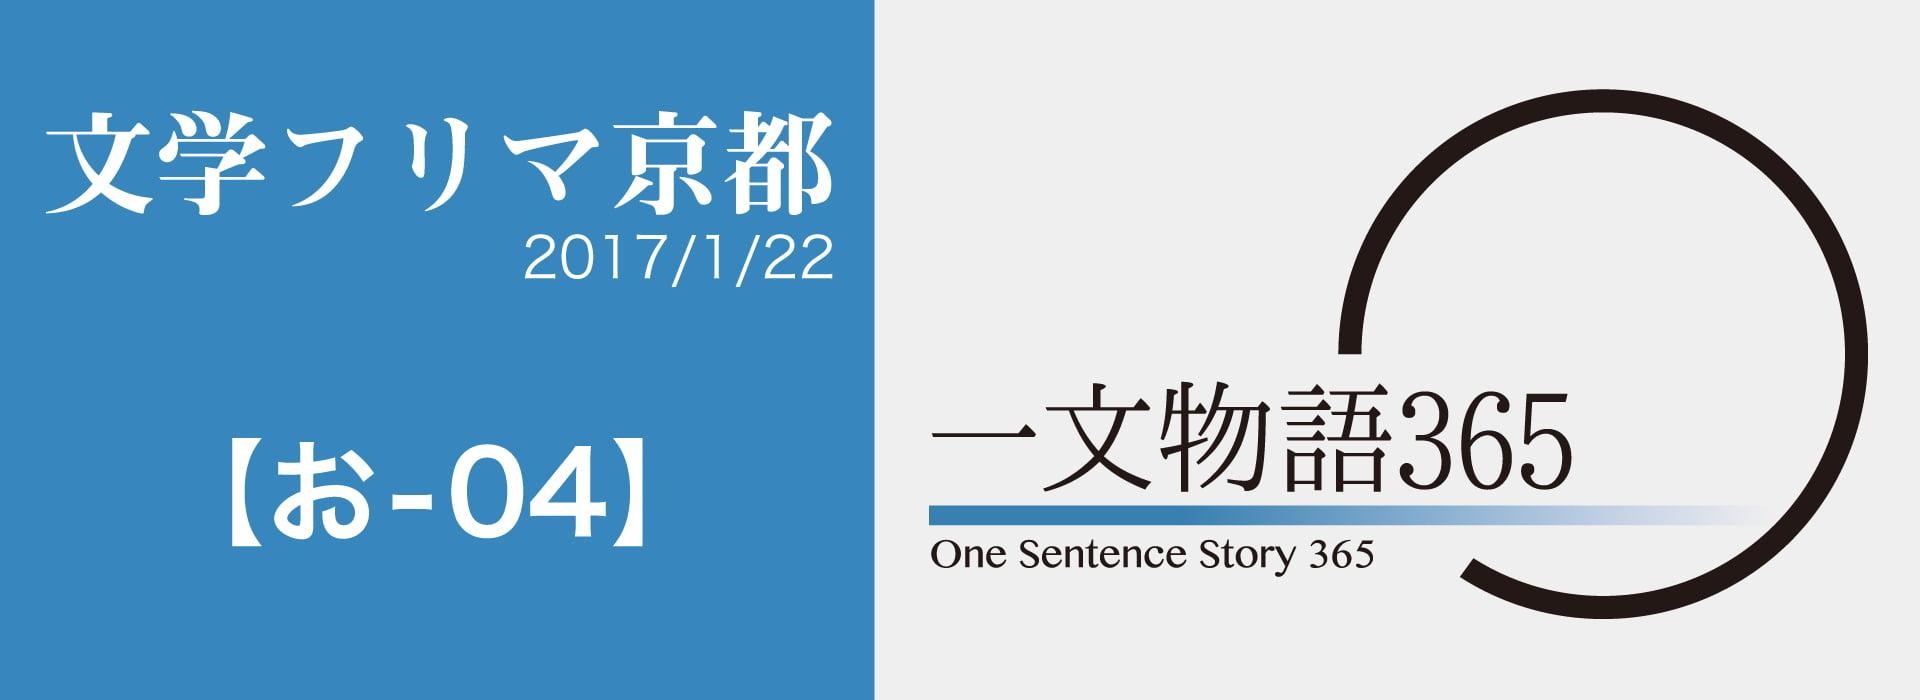 文学フリマ京都 2017/1/22 【お-04】